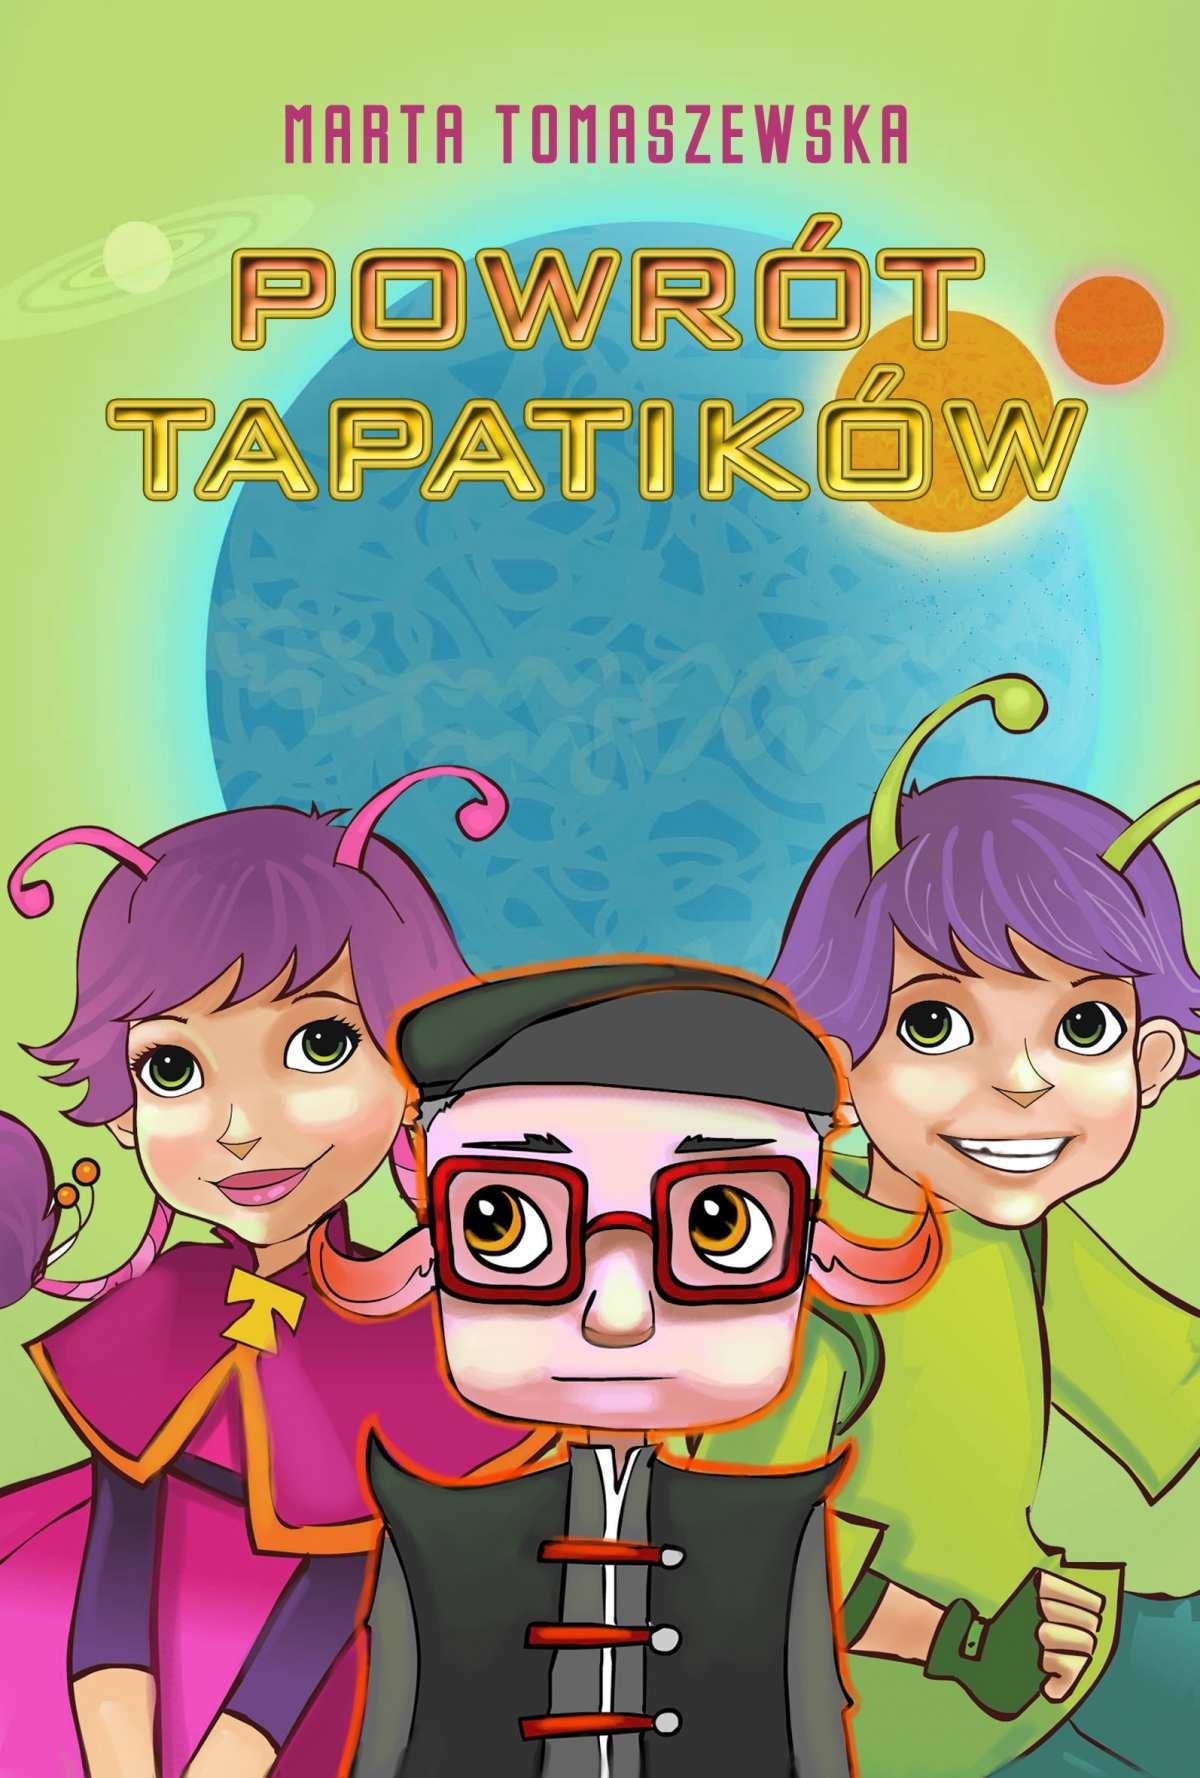 Powrót Tapatików - Ebook (Książka na Kindle) do pobrania w formacie MOBI